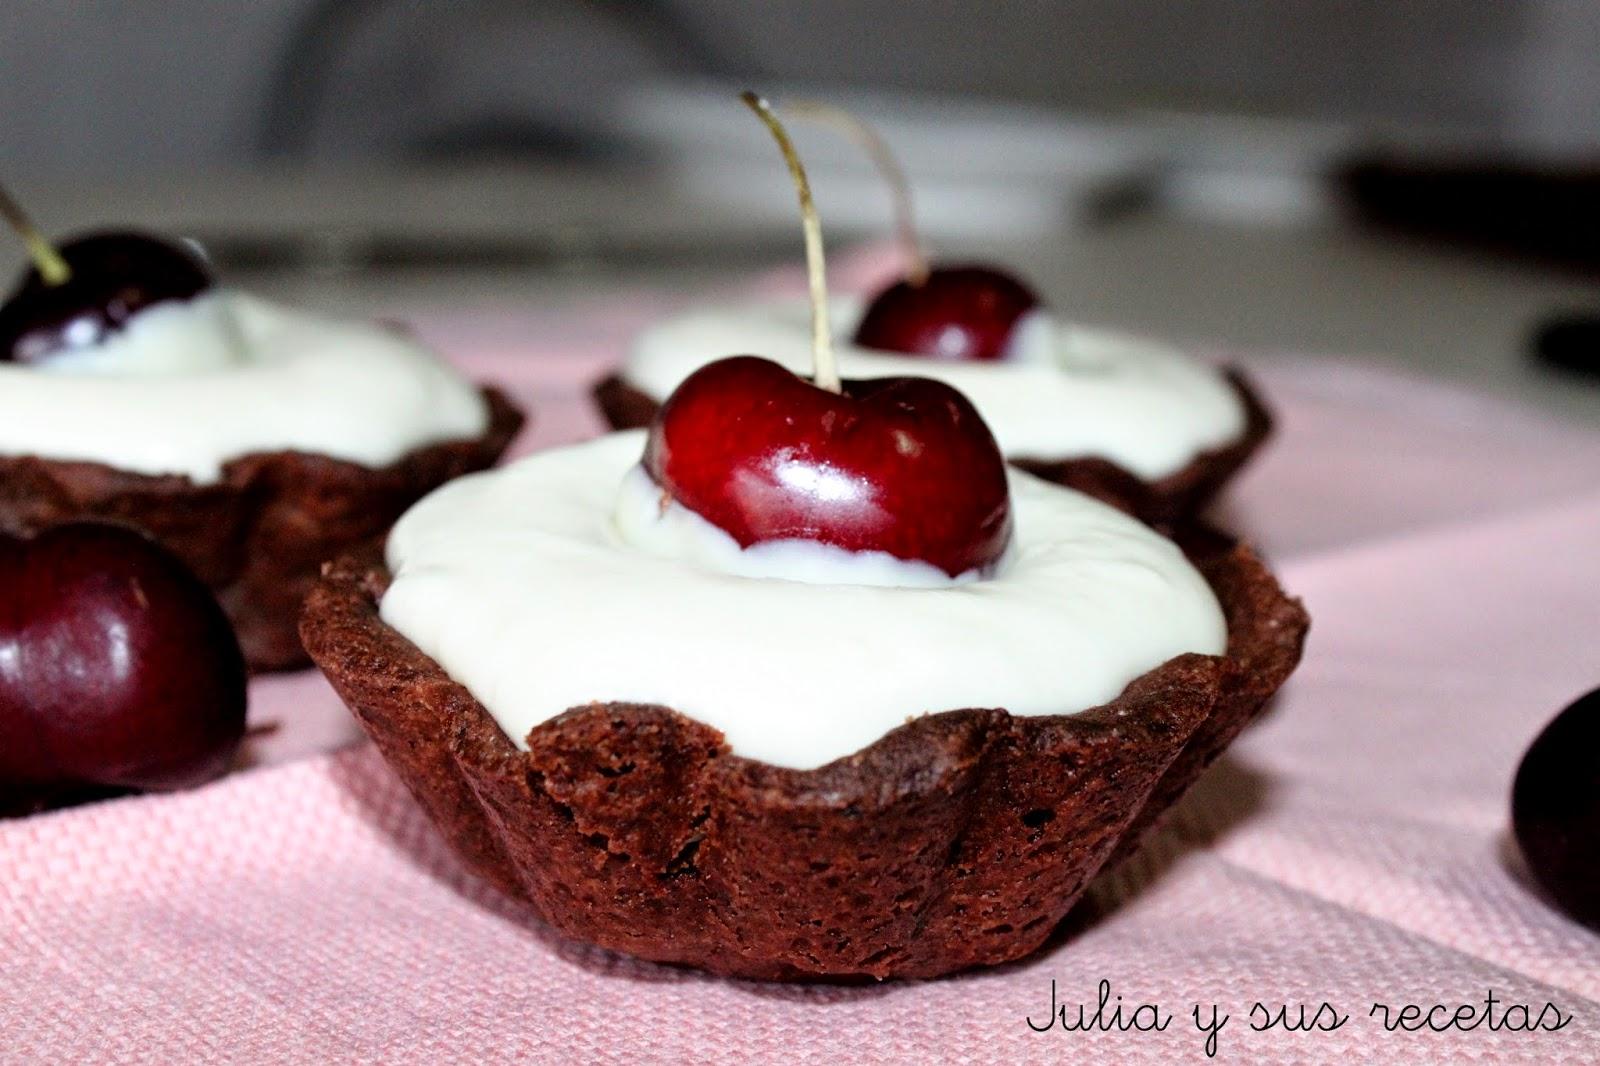 Tarteletas de chocolate blanco y cerezas. Julia y sus recetas